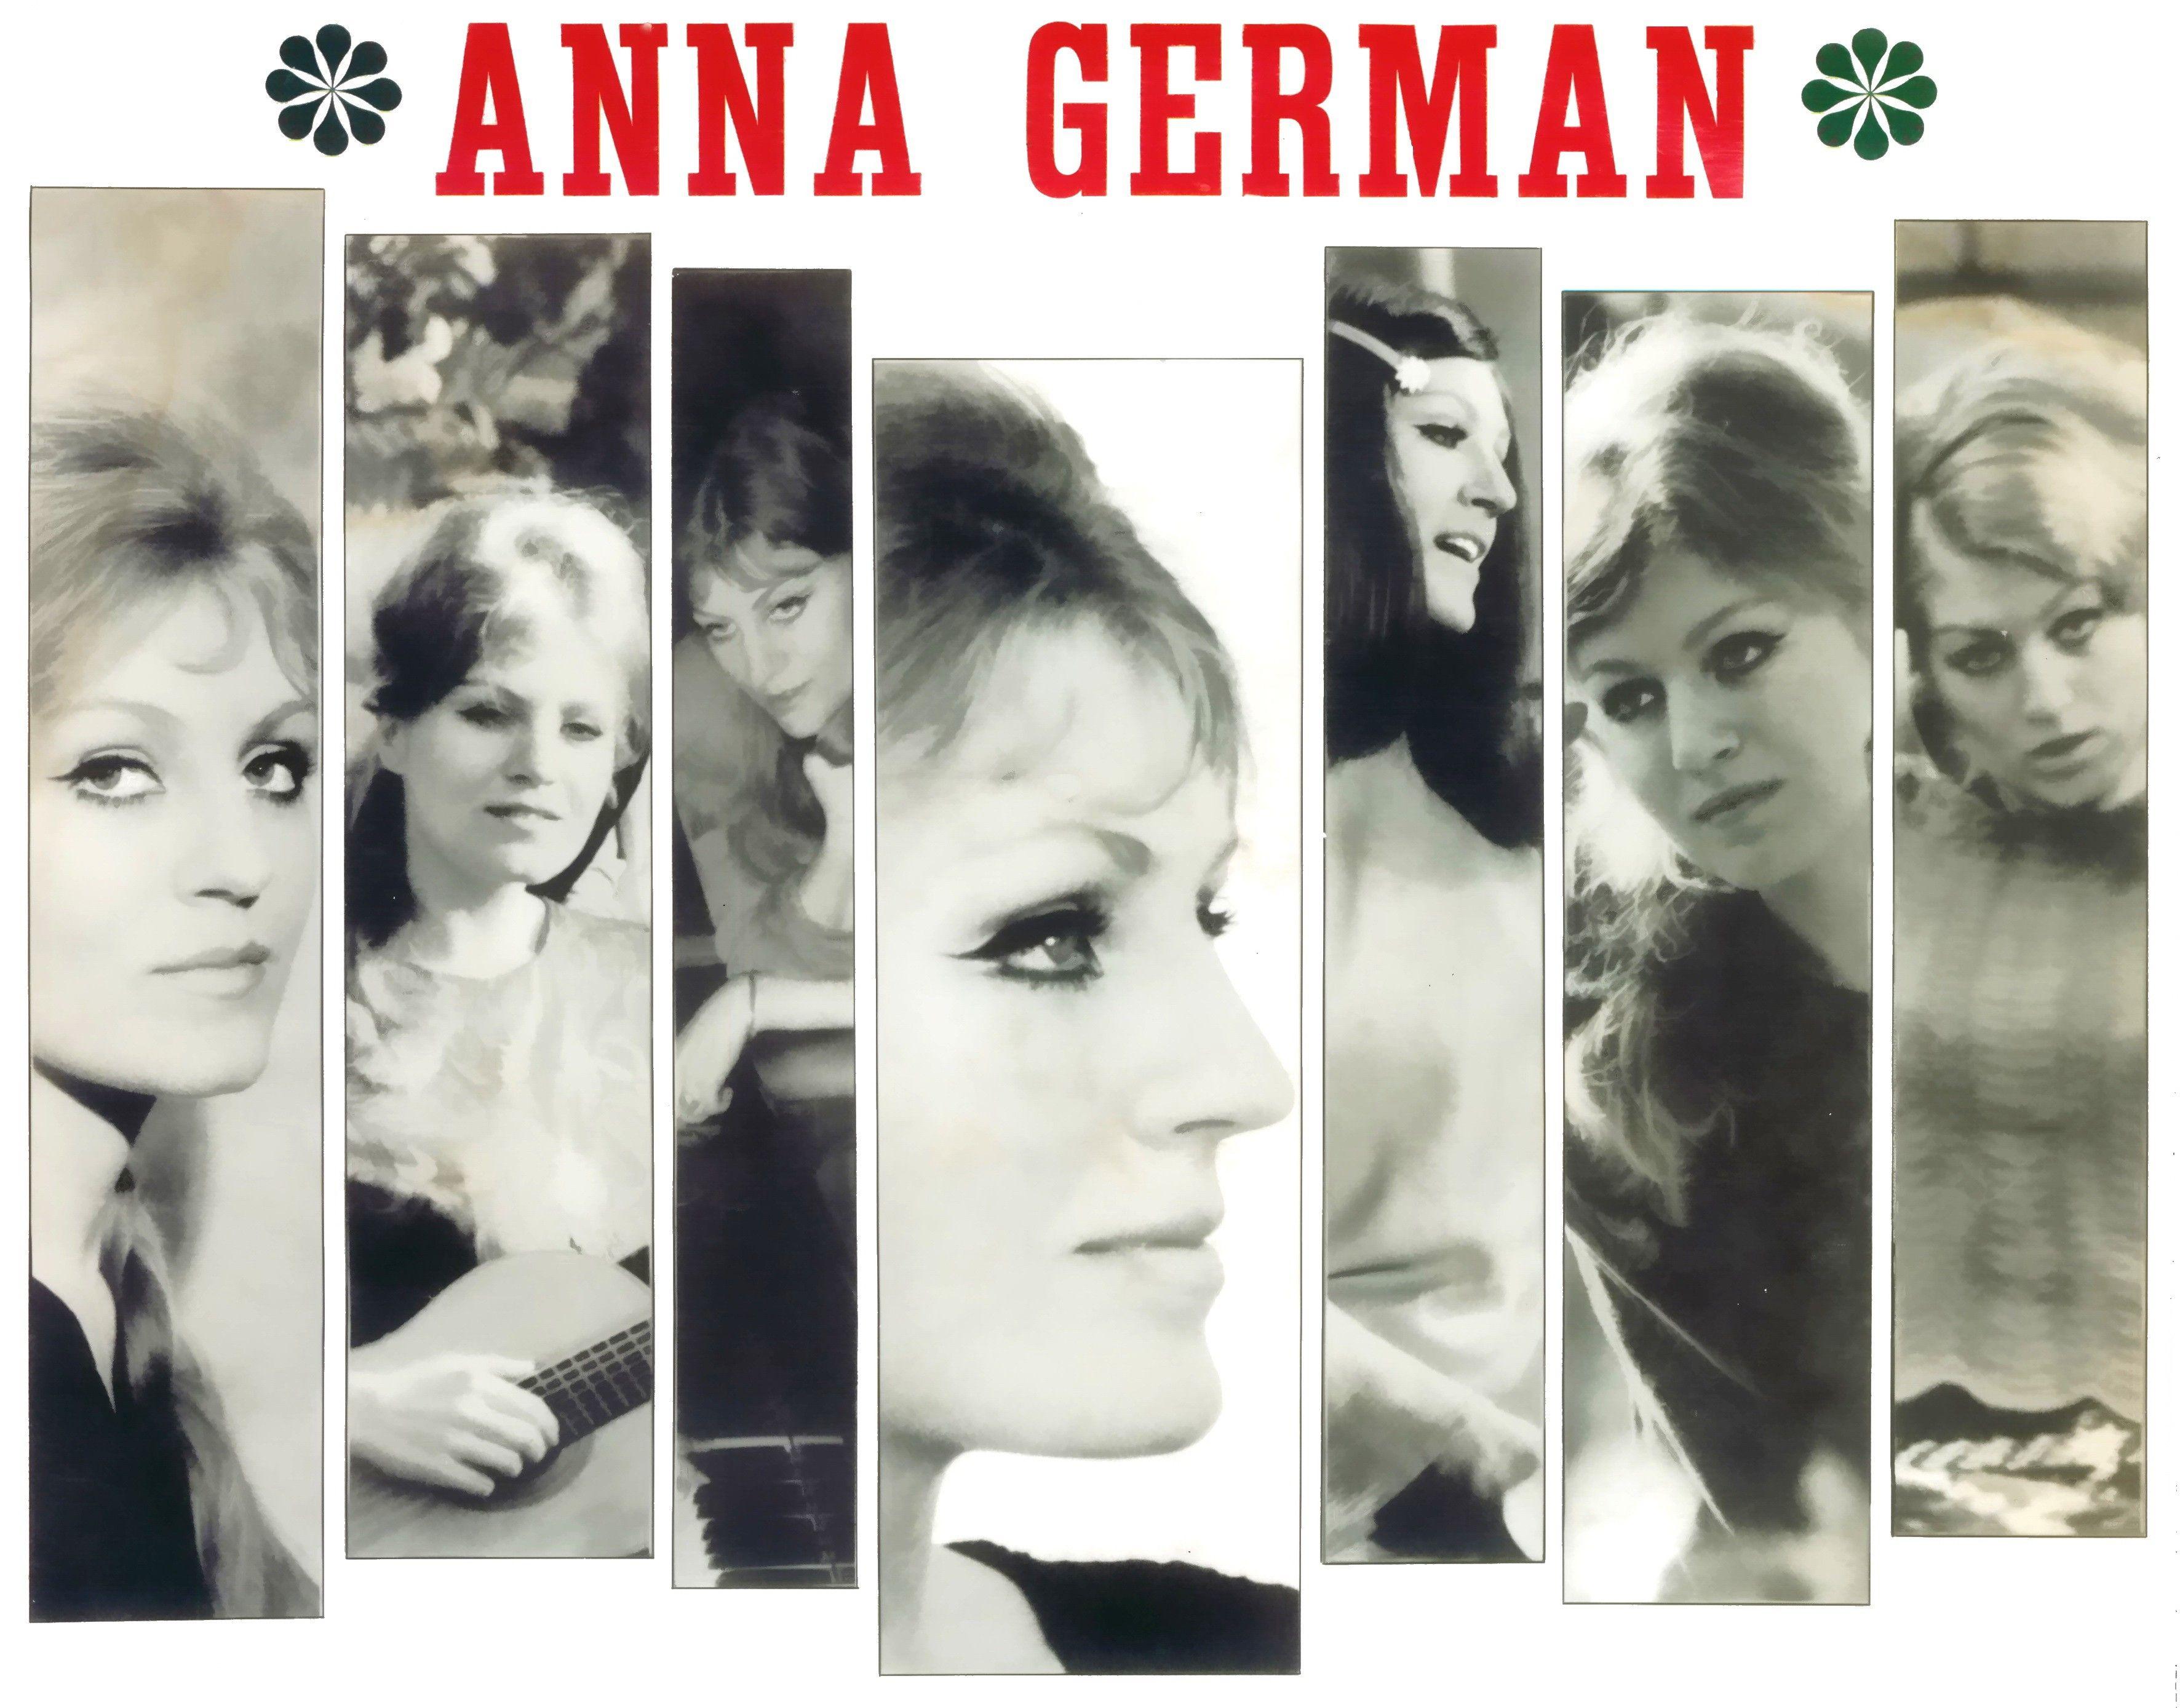 Обложка пластинки с песнями Анны Герман